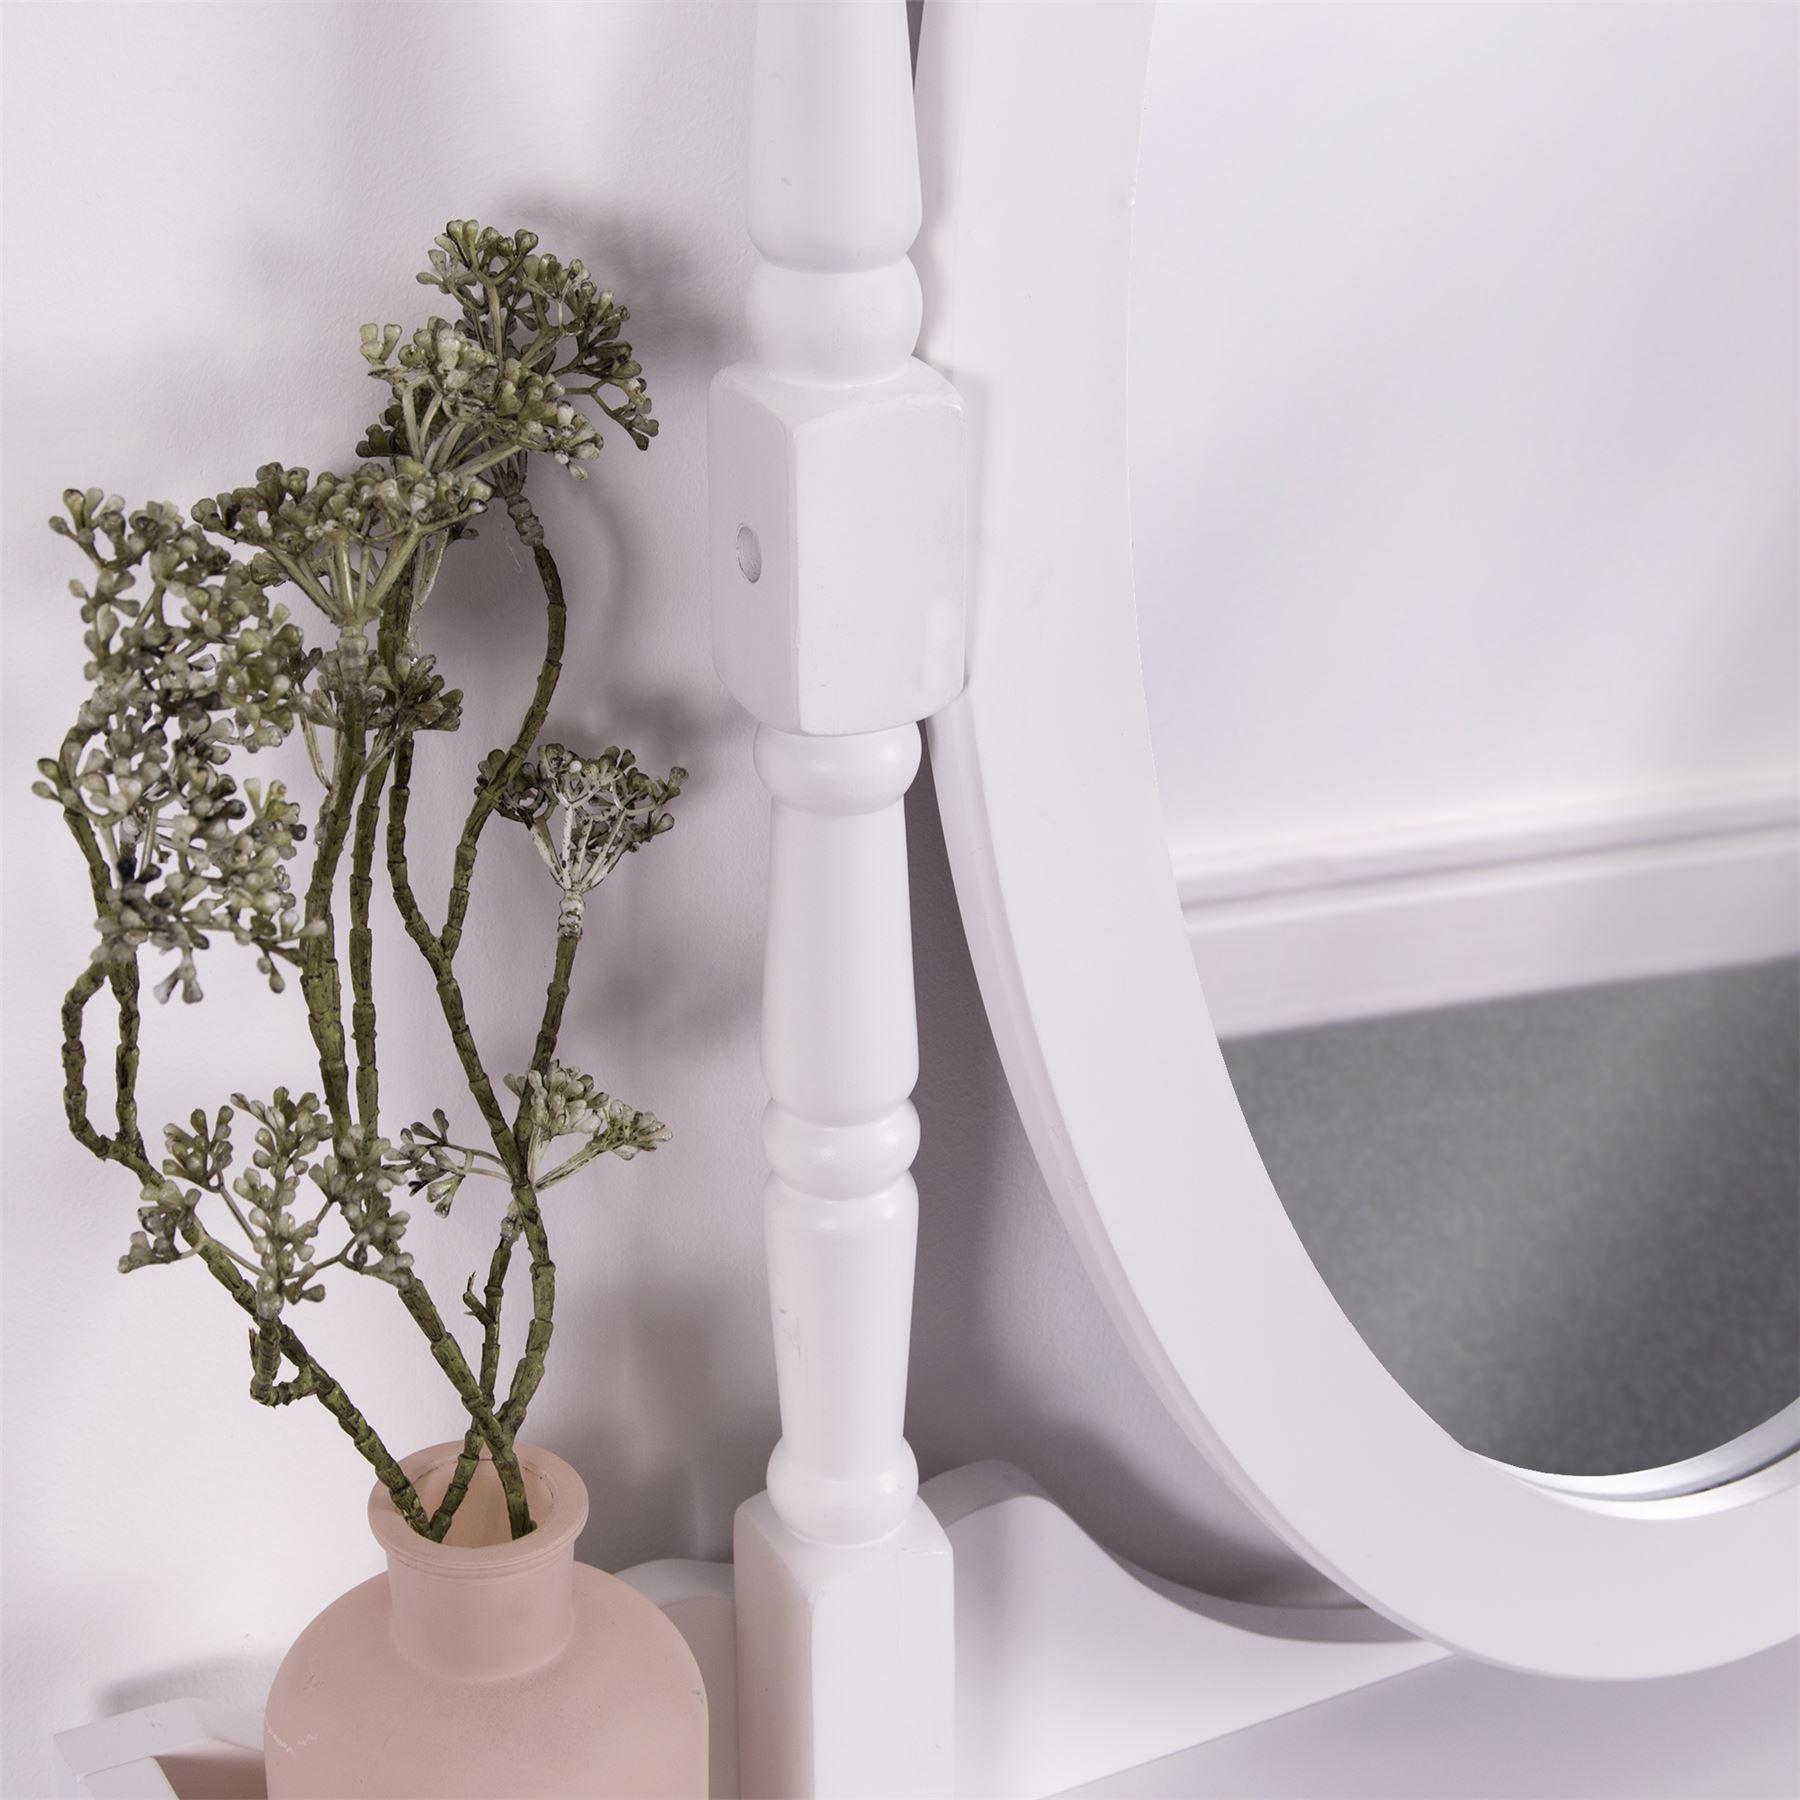 Nishano coiffeuse bijoux Armoire à Miroir Meubles De Chambre Maquillage Blanc